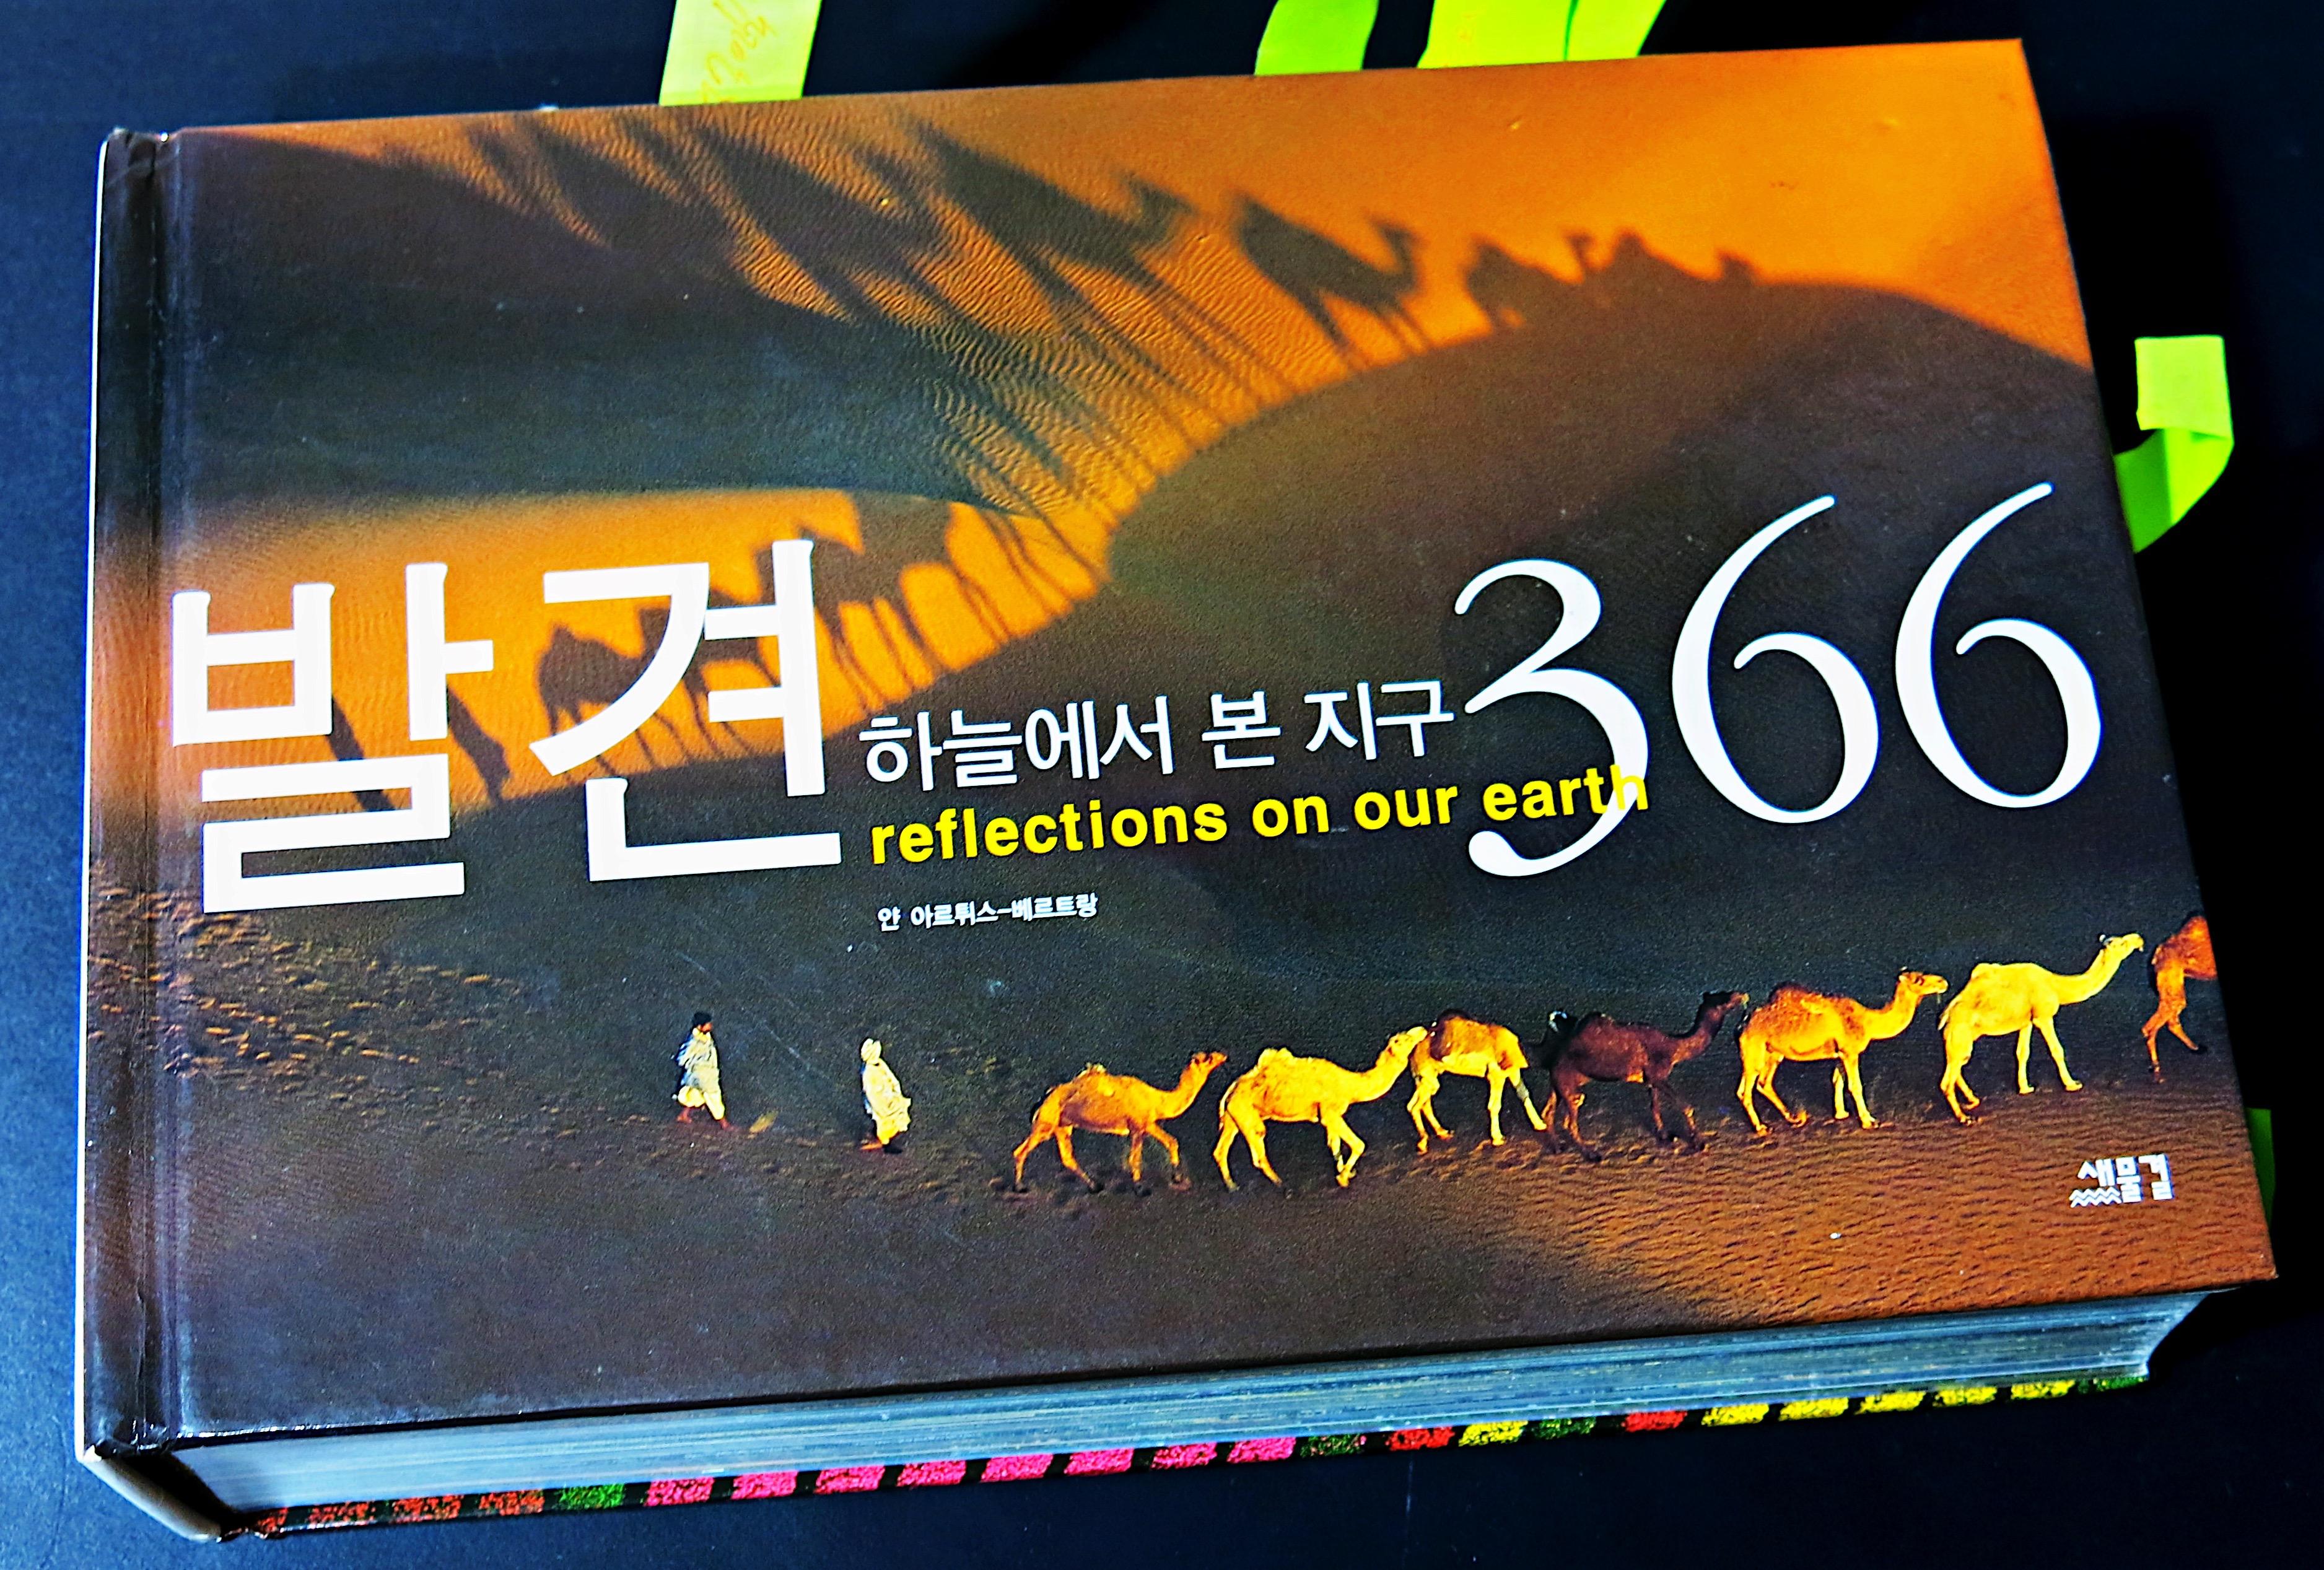 [冊] '발견 하늘에서 본 지구 366', 사진으로 보는 모르던 세상